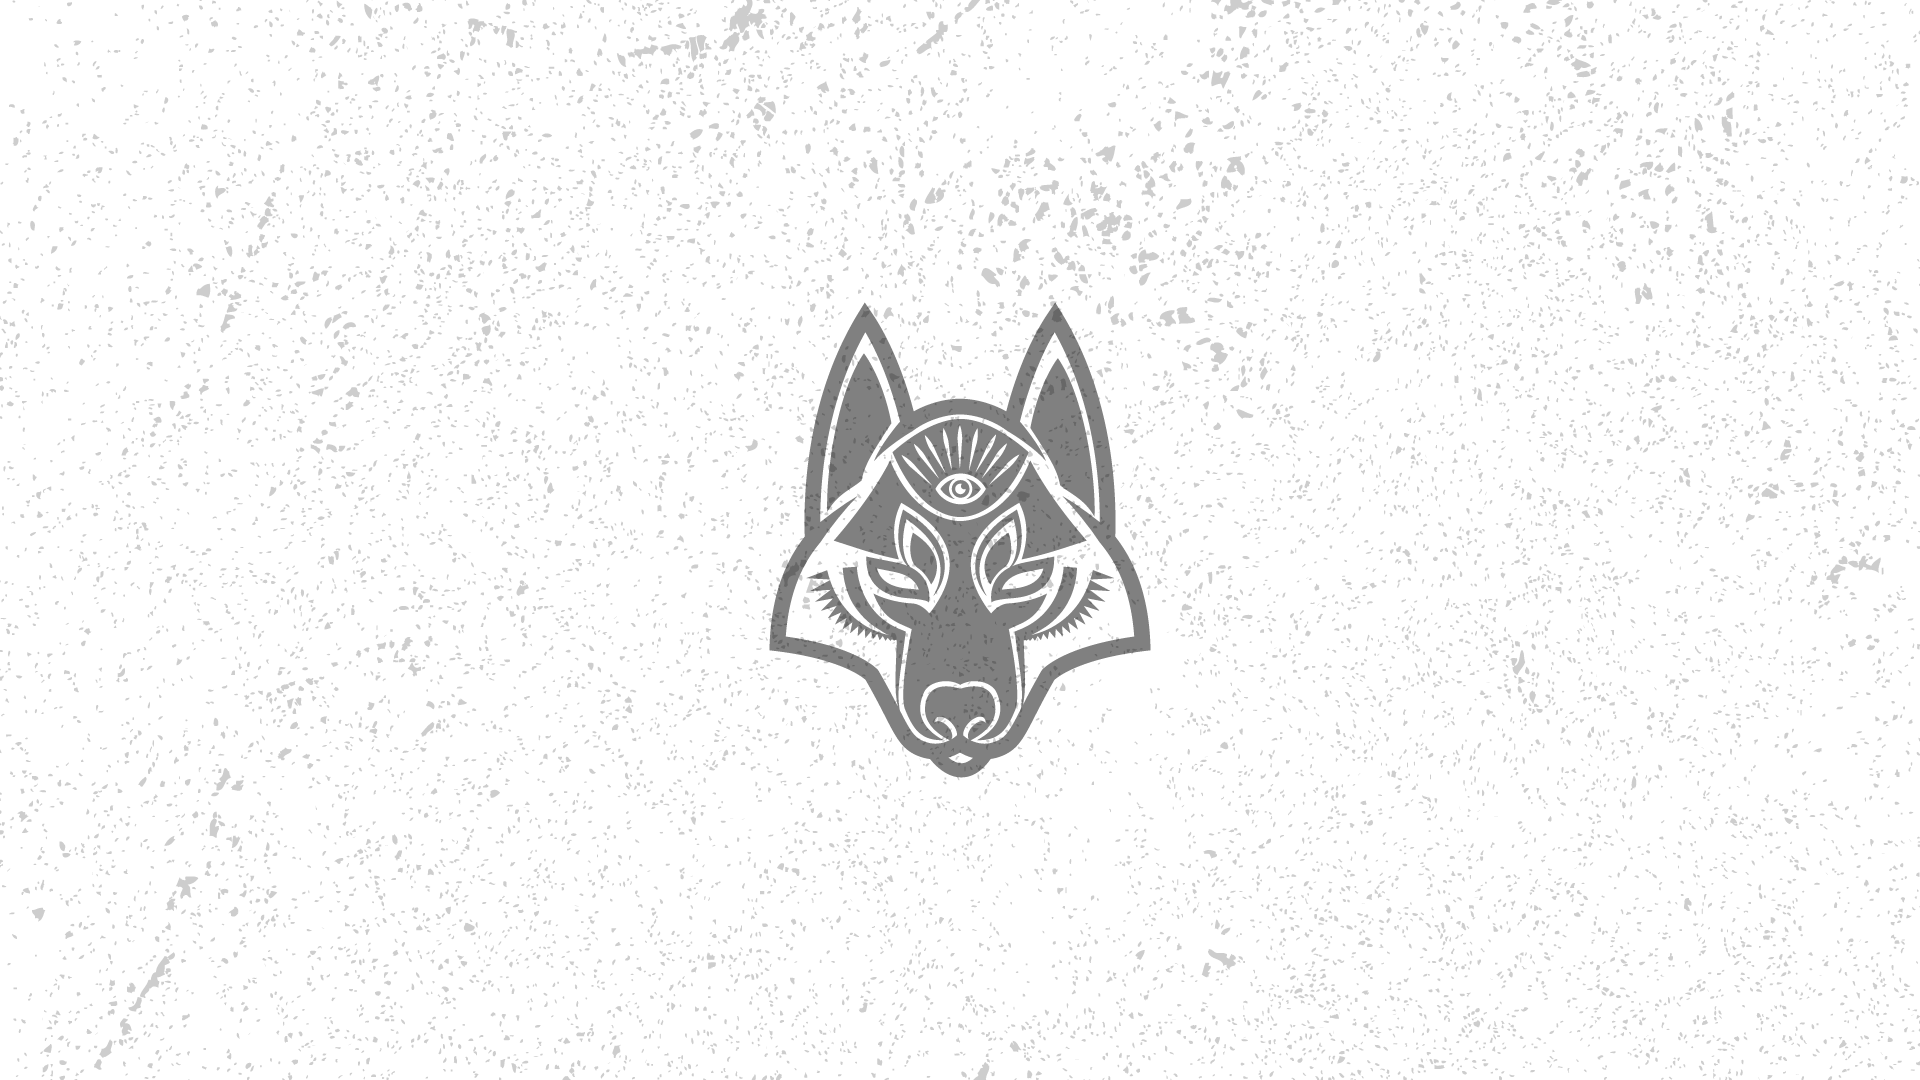 Logos-Daniel_Niebla-03.png